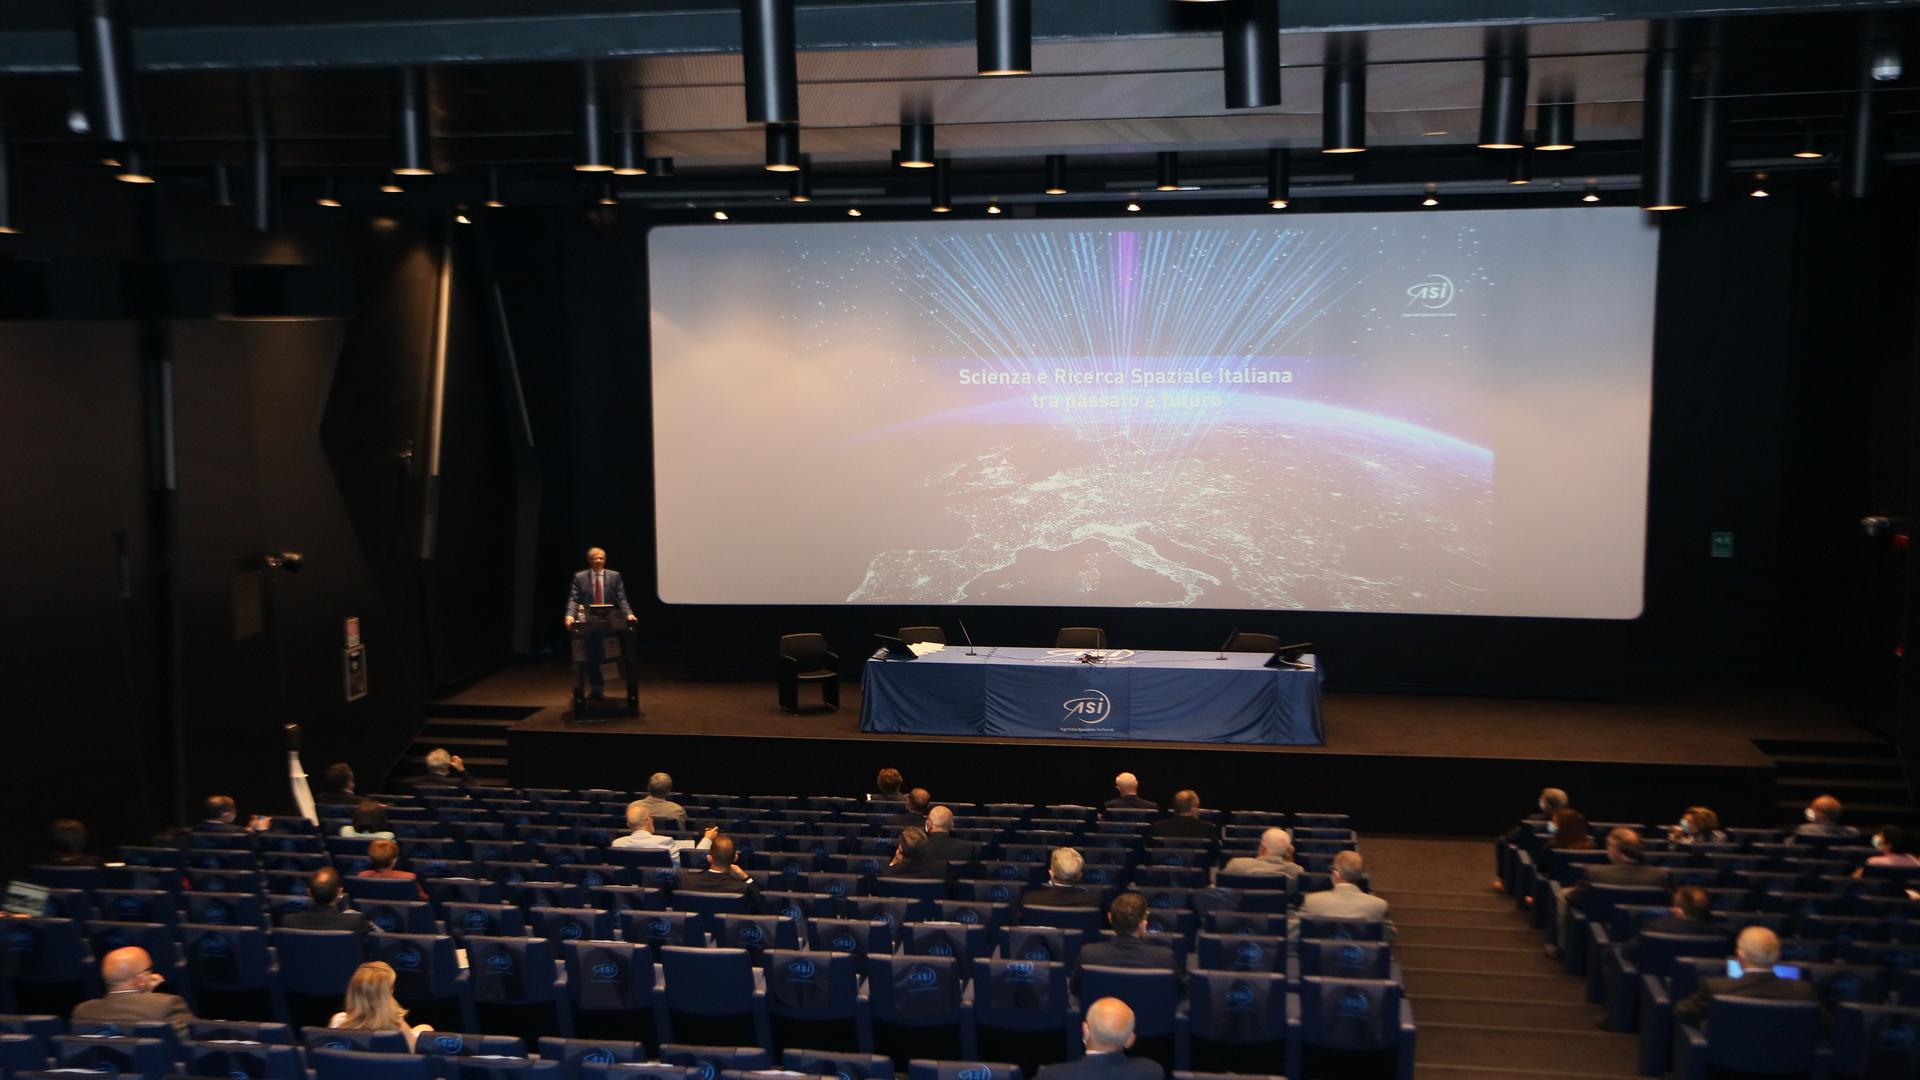 ASI - Scienza e ricerca spaziale a confronto in ASI